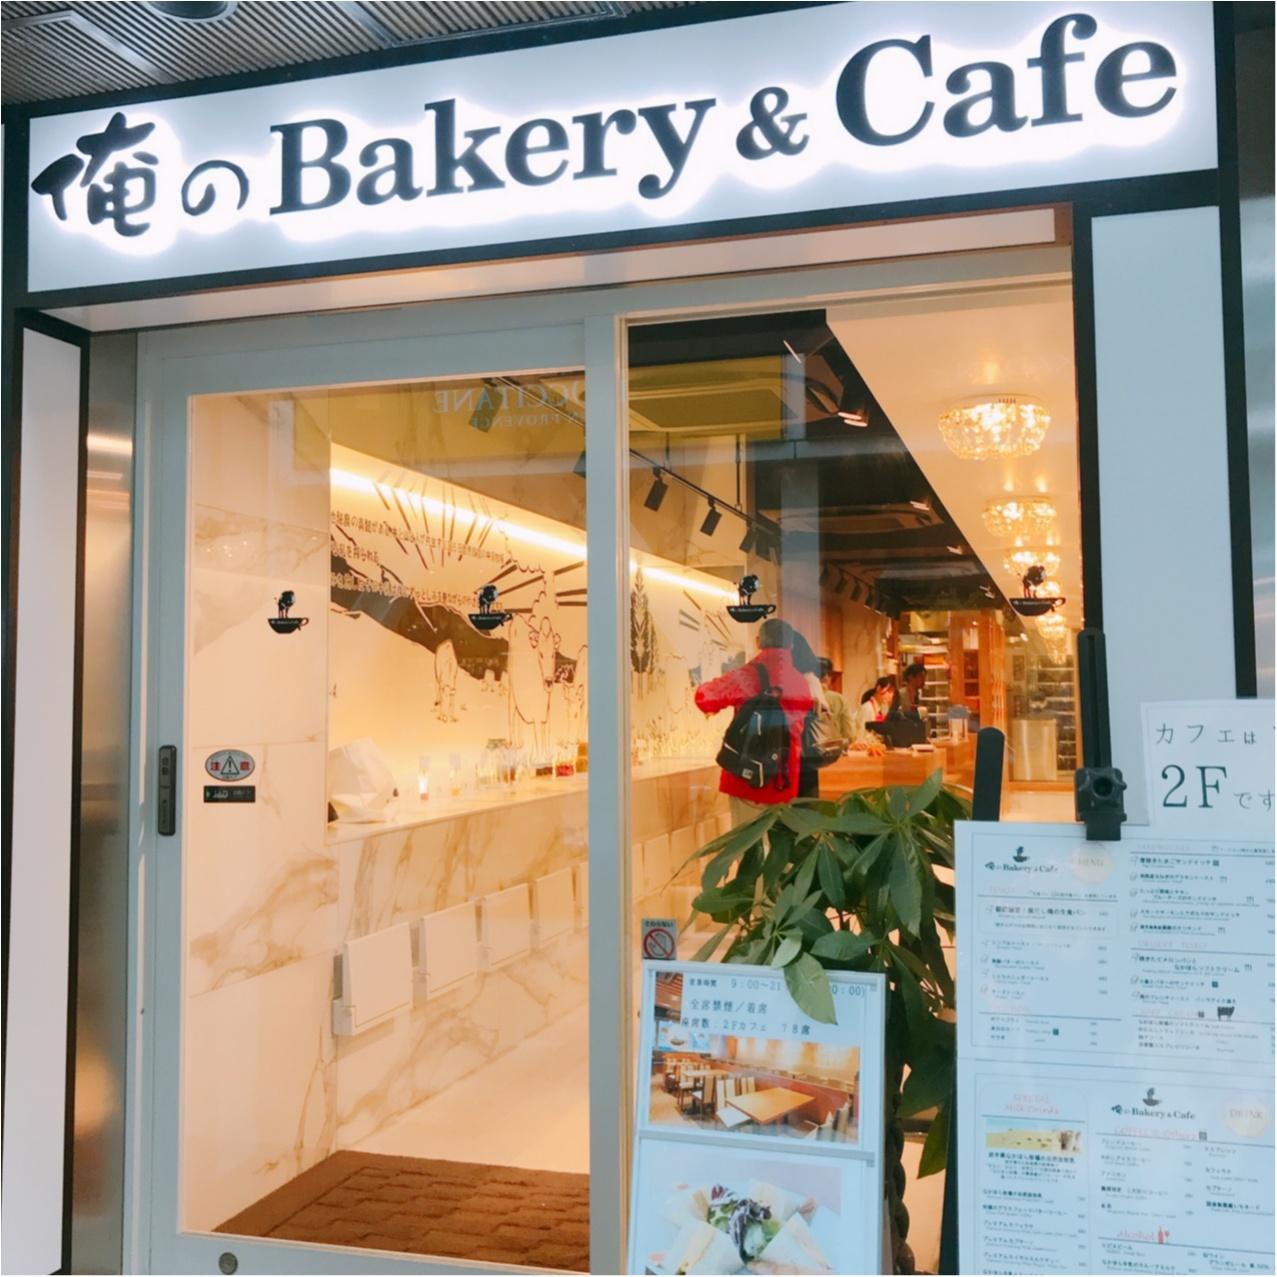 ふわっふわトーストがたまらない!【俺のBakery&Cafe】が銀座にもオープン♡_1